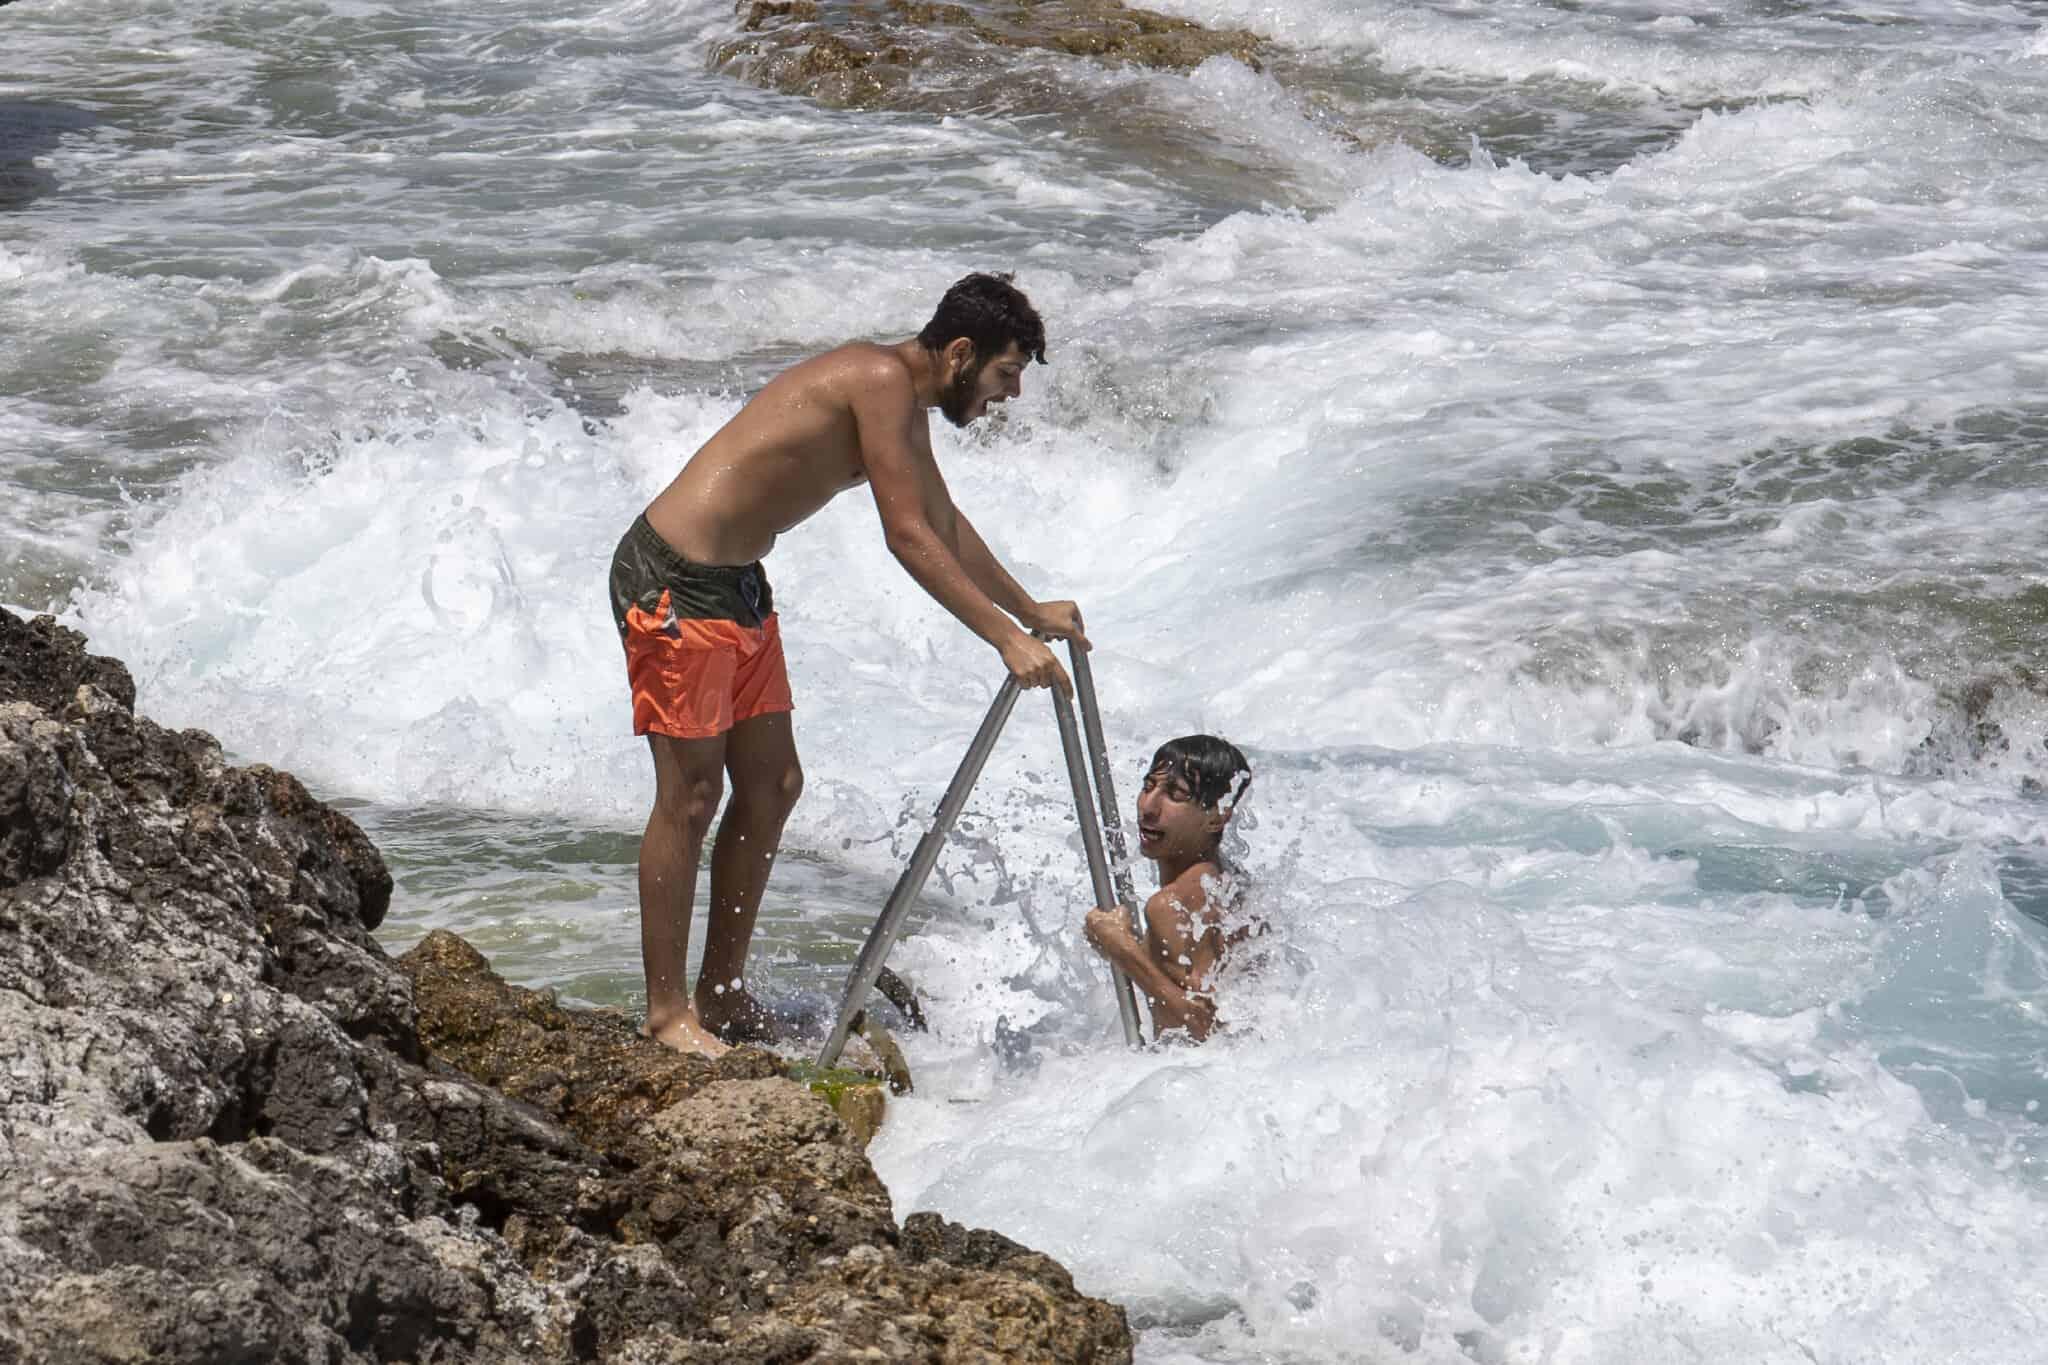 ימי ראשית הקיץ בלבנון, 18 במאי 2020 (צילום: AP Photo/Hassan Ammar)